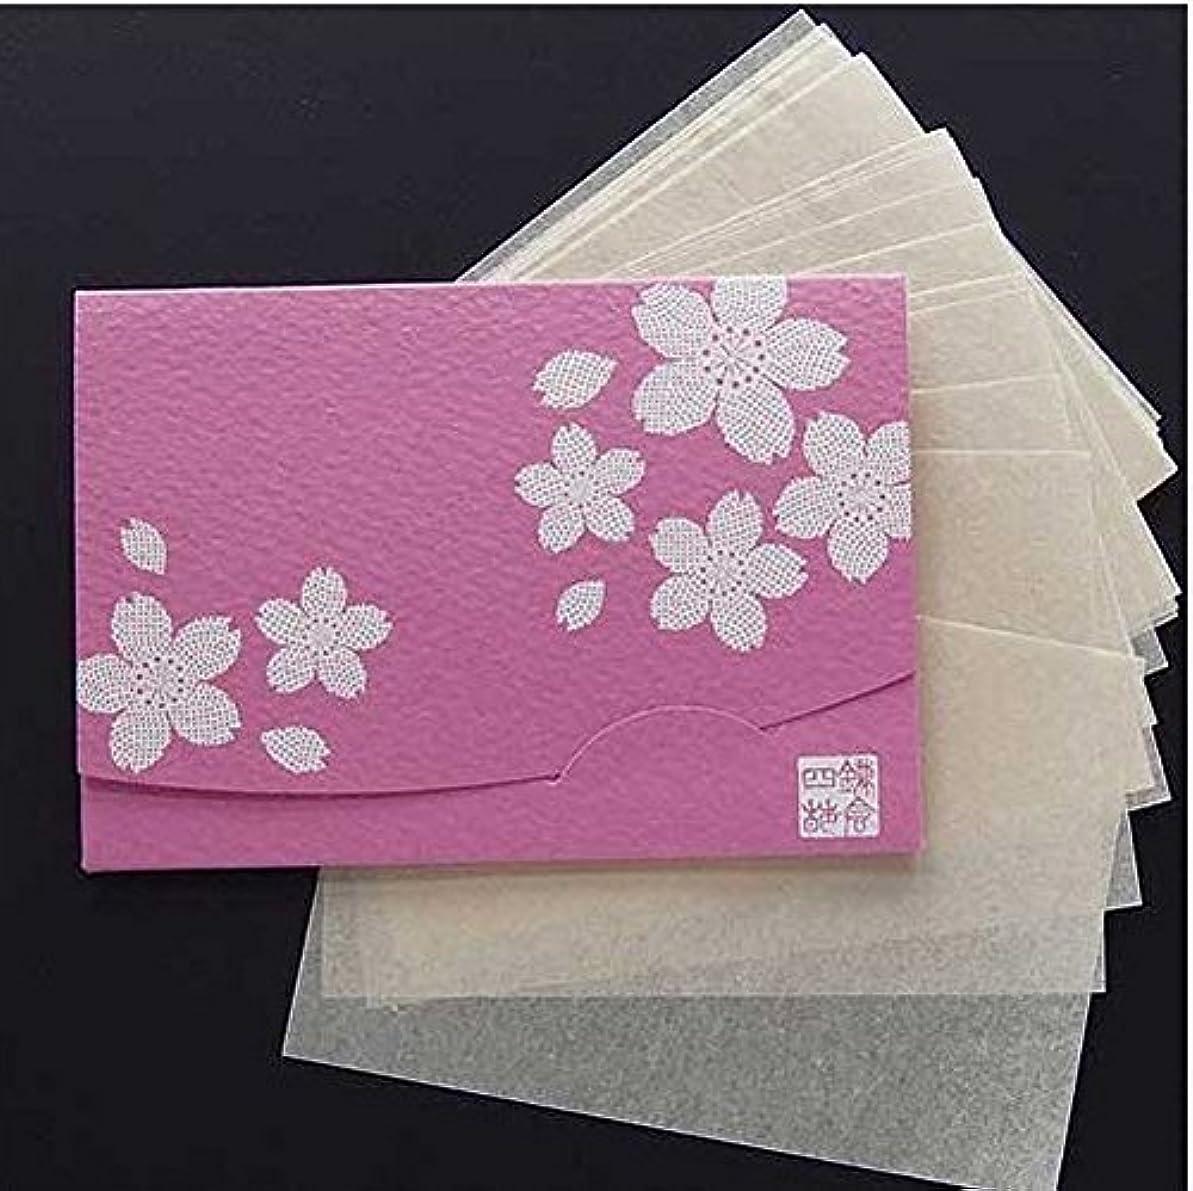 アカデミー変換する休眠季節の花  桜 「絹すき」 短冊サイズ